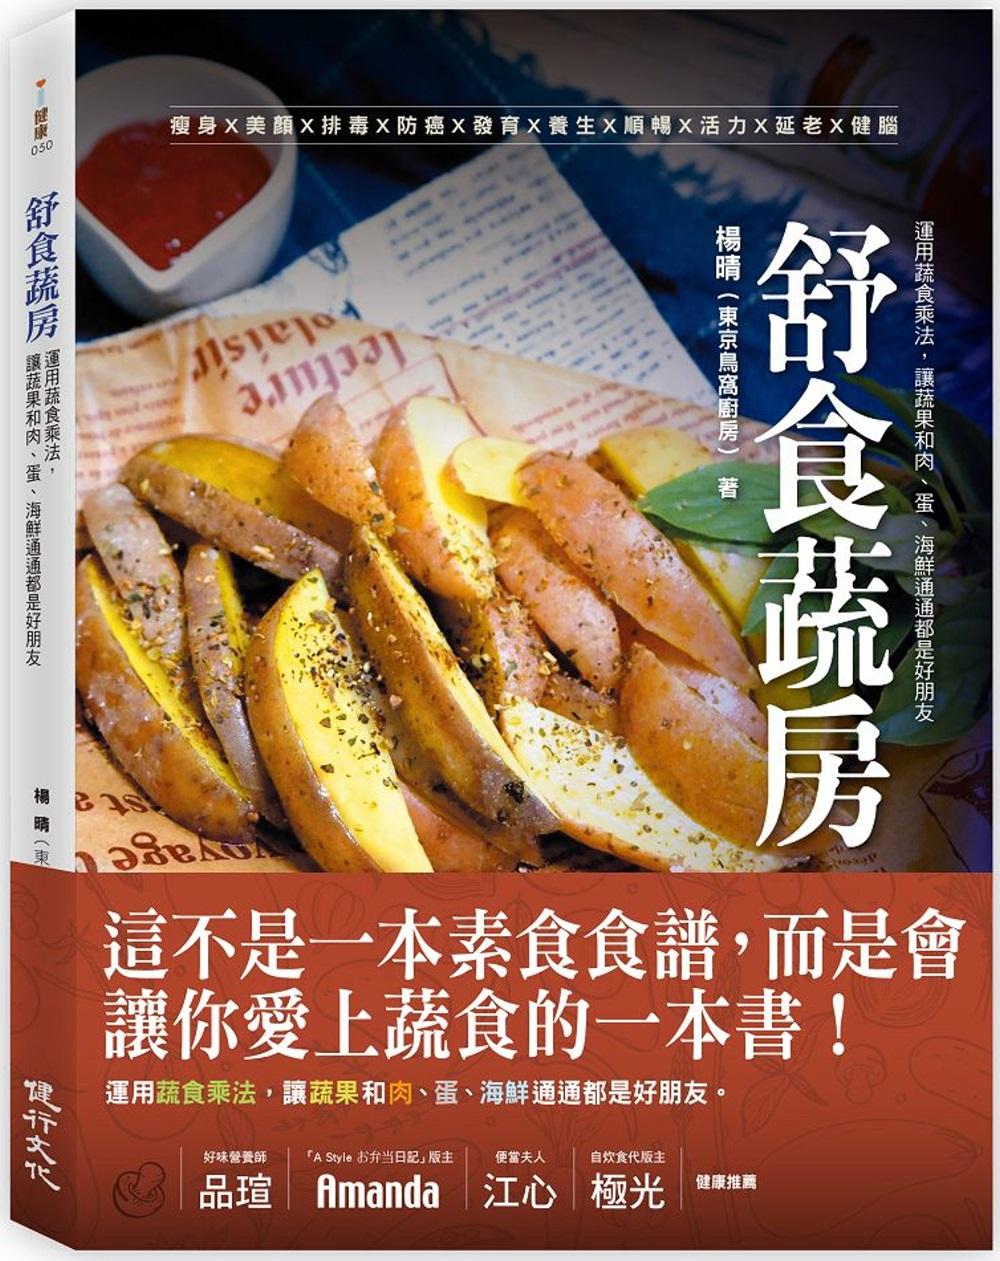 舒食蔬房:運用蔬食乘法,讓蔬果和肉、蛋、海鮮通通都是好朋友